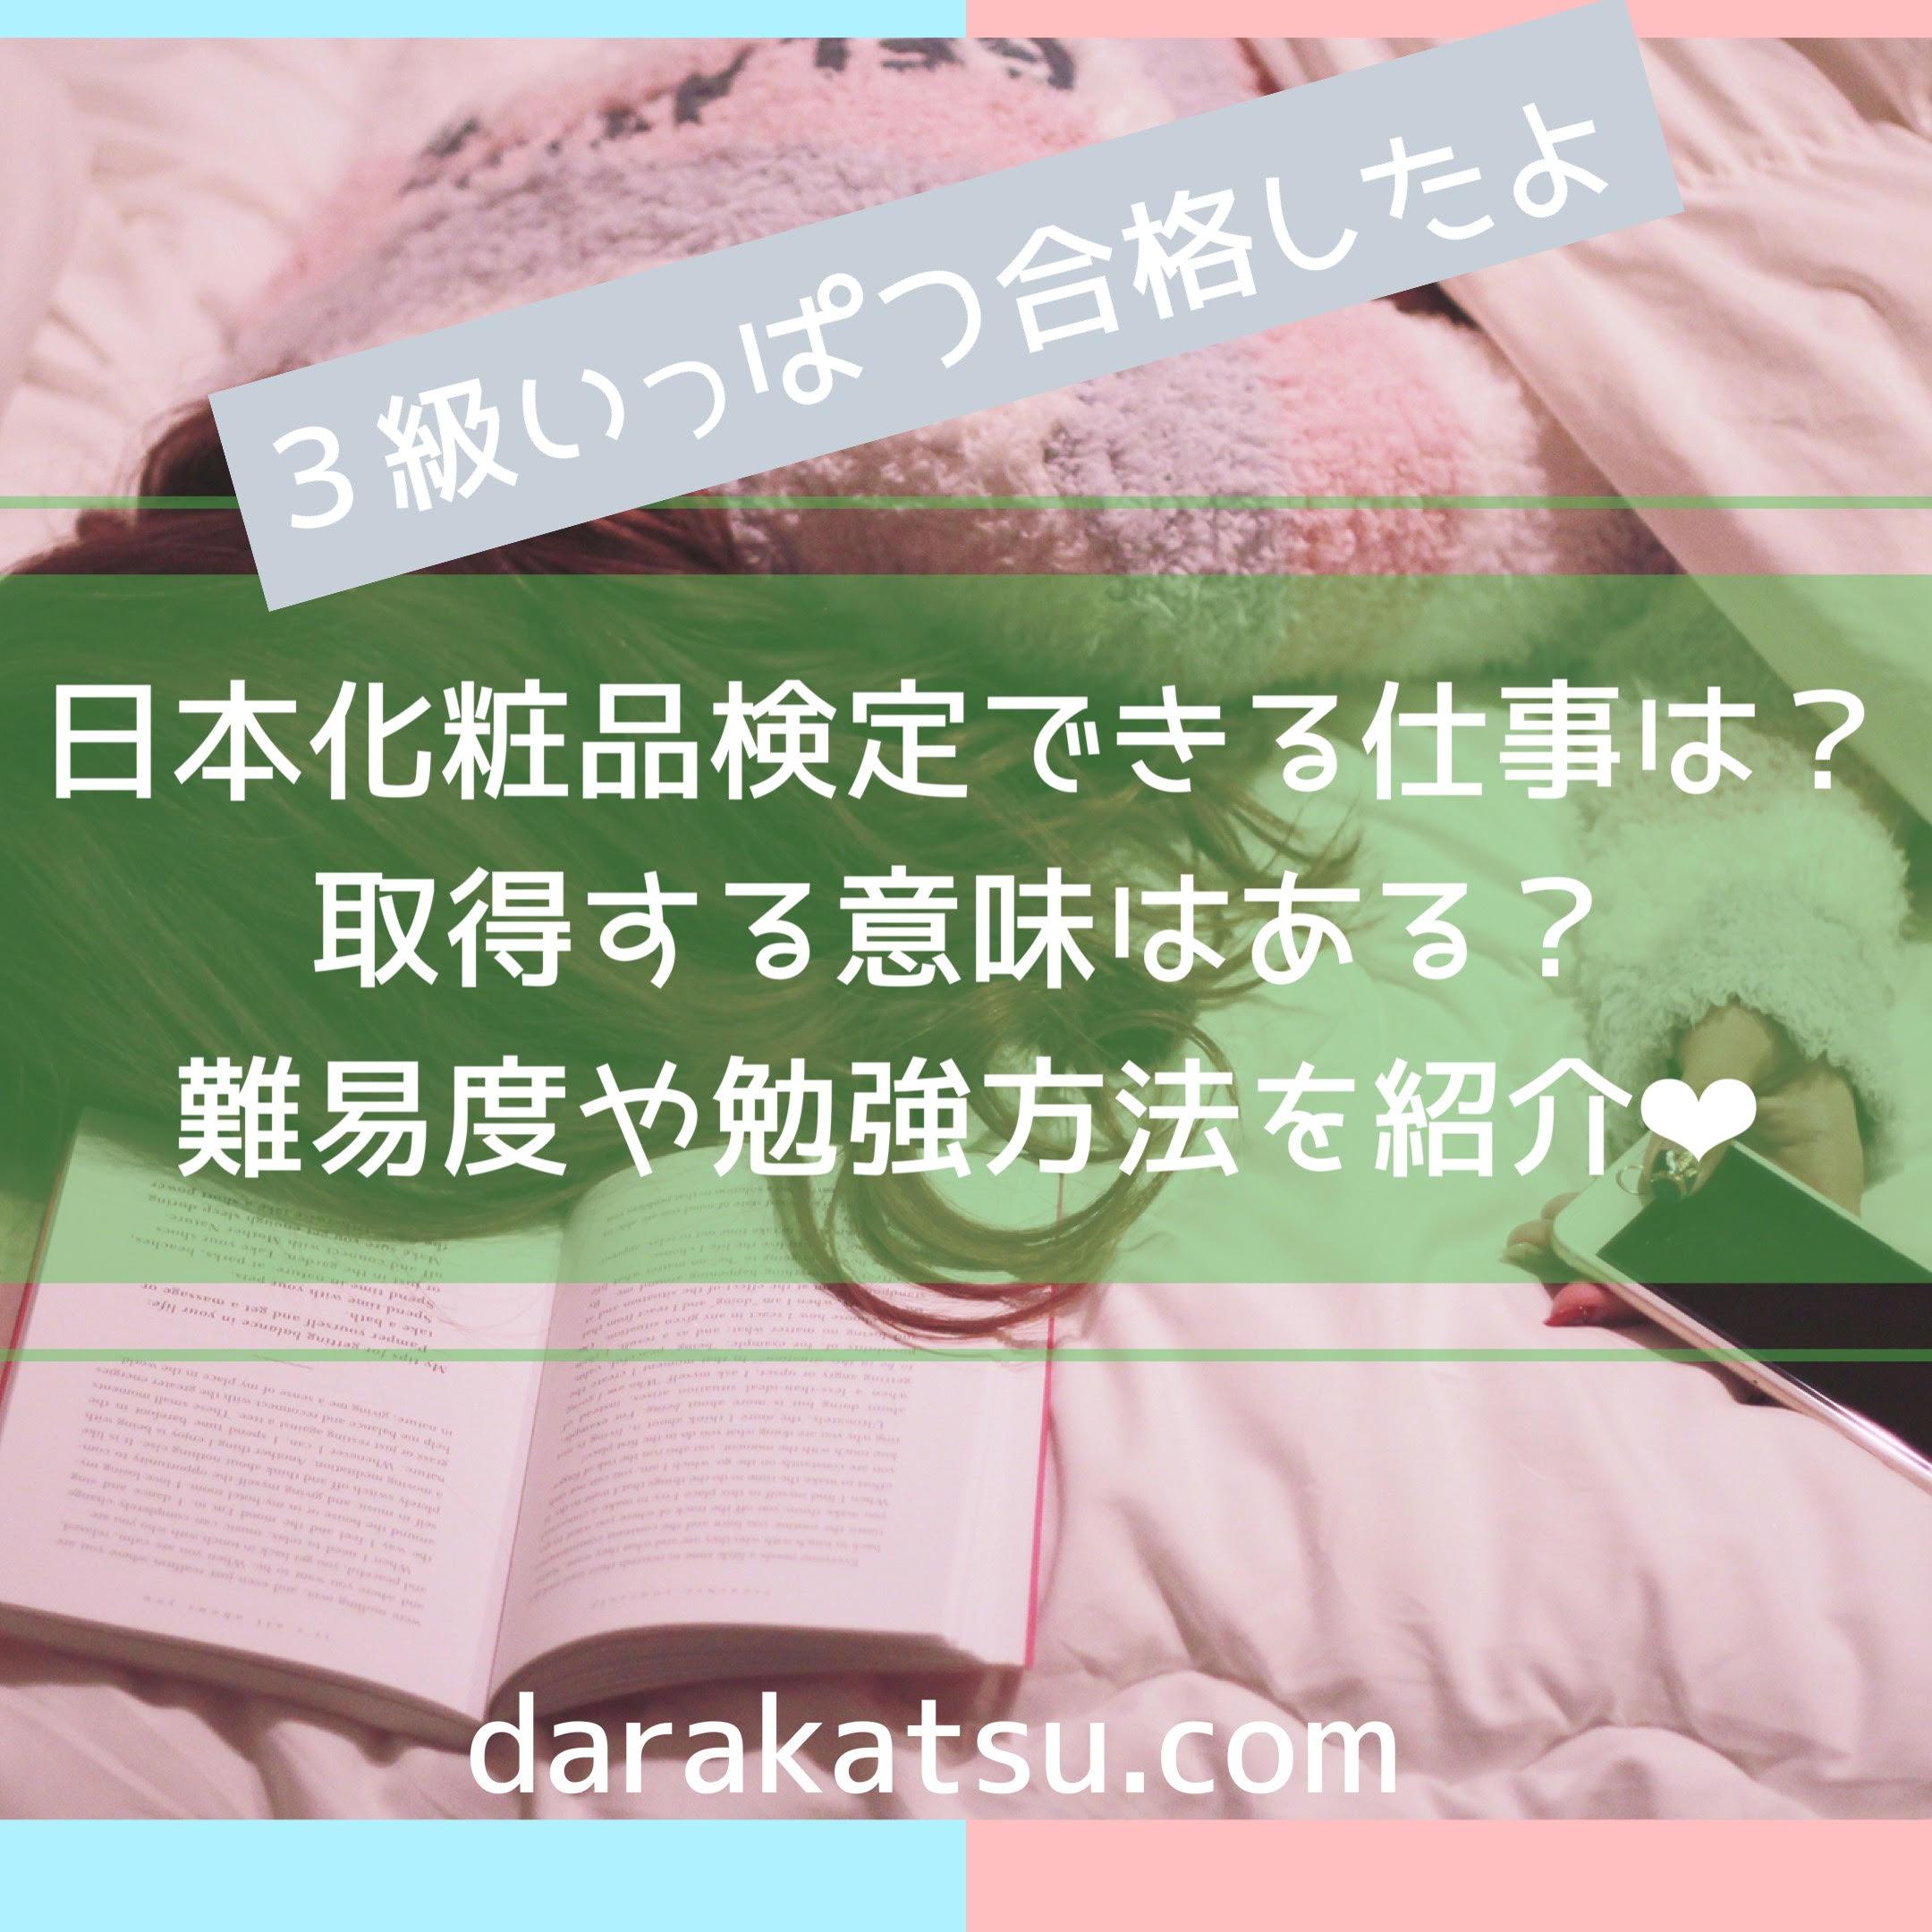 【日本化粧品検定】活かせる仕事って?【3級合格しました。】